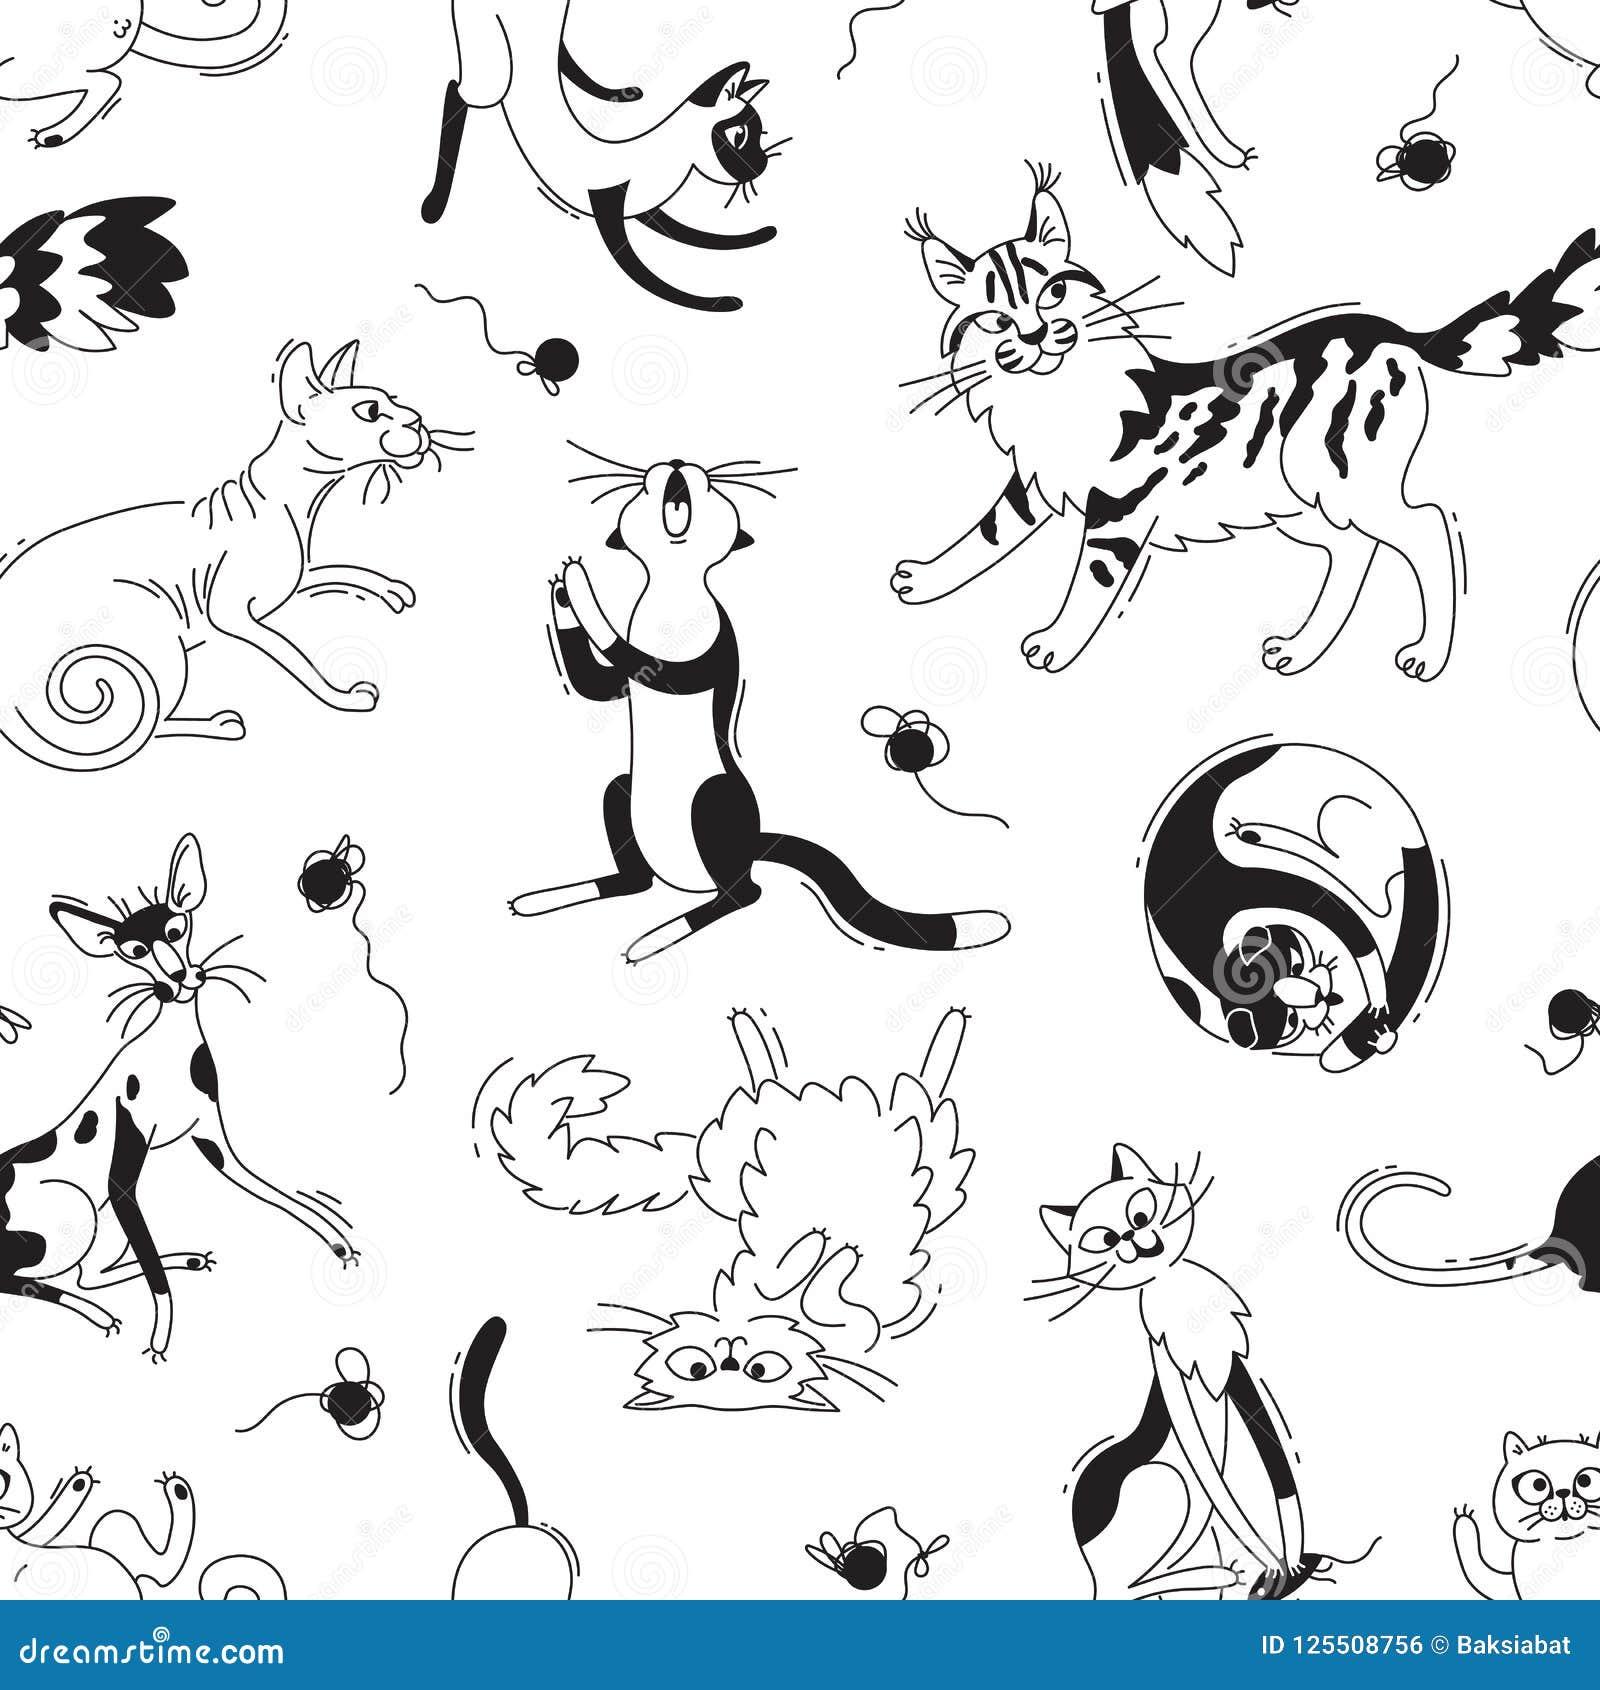 Άνευ ραφής σχέδιο με τις γάτες παιχνιδιού των διαφορετικών φυλών και τα νηματοδέματα του νήματος Γάτα στα κινούμενα σχέδια ύφους